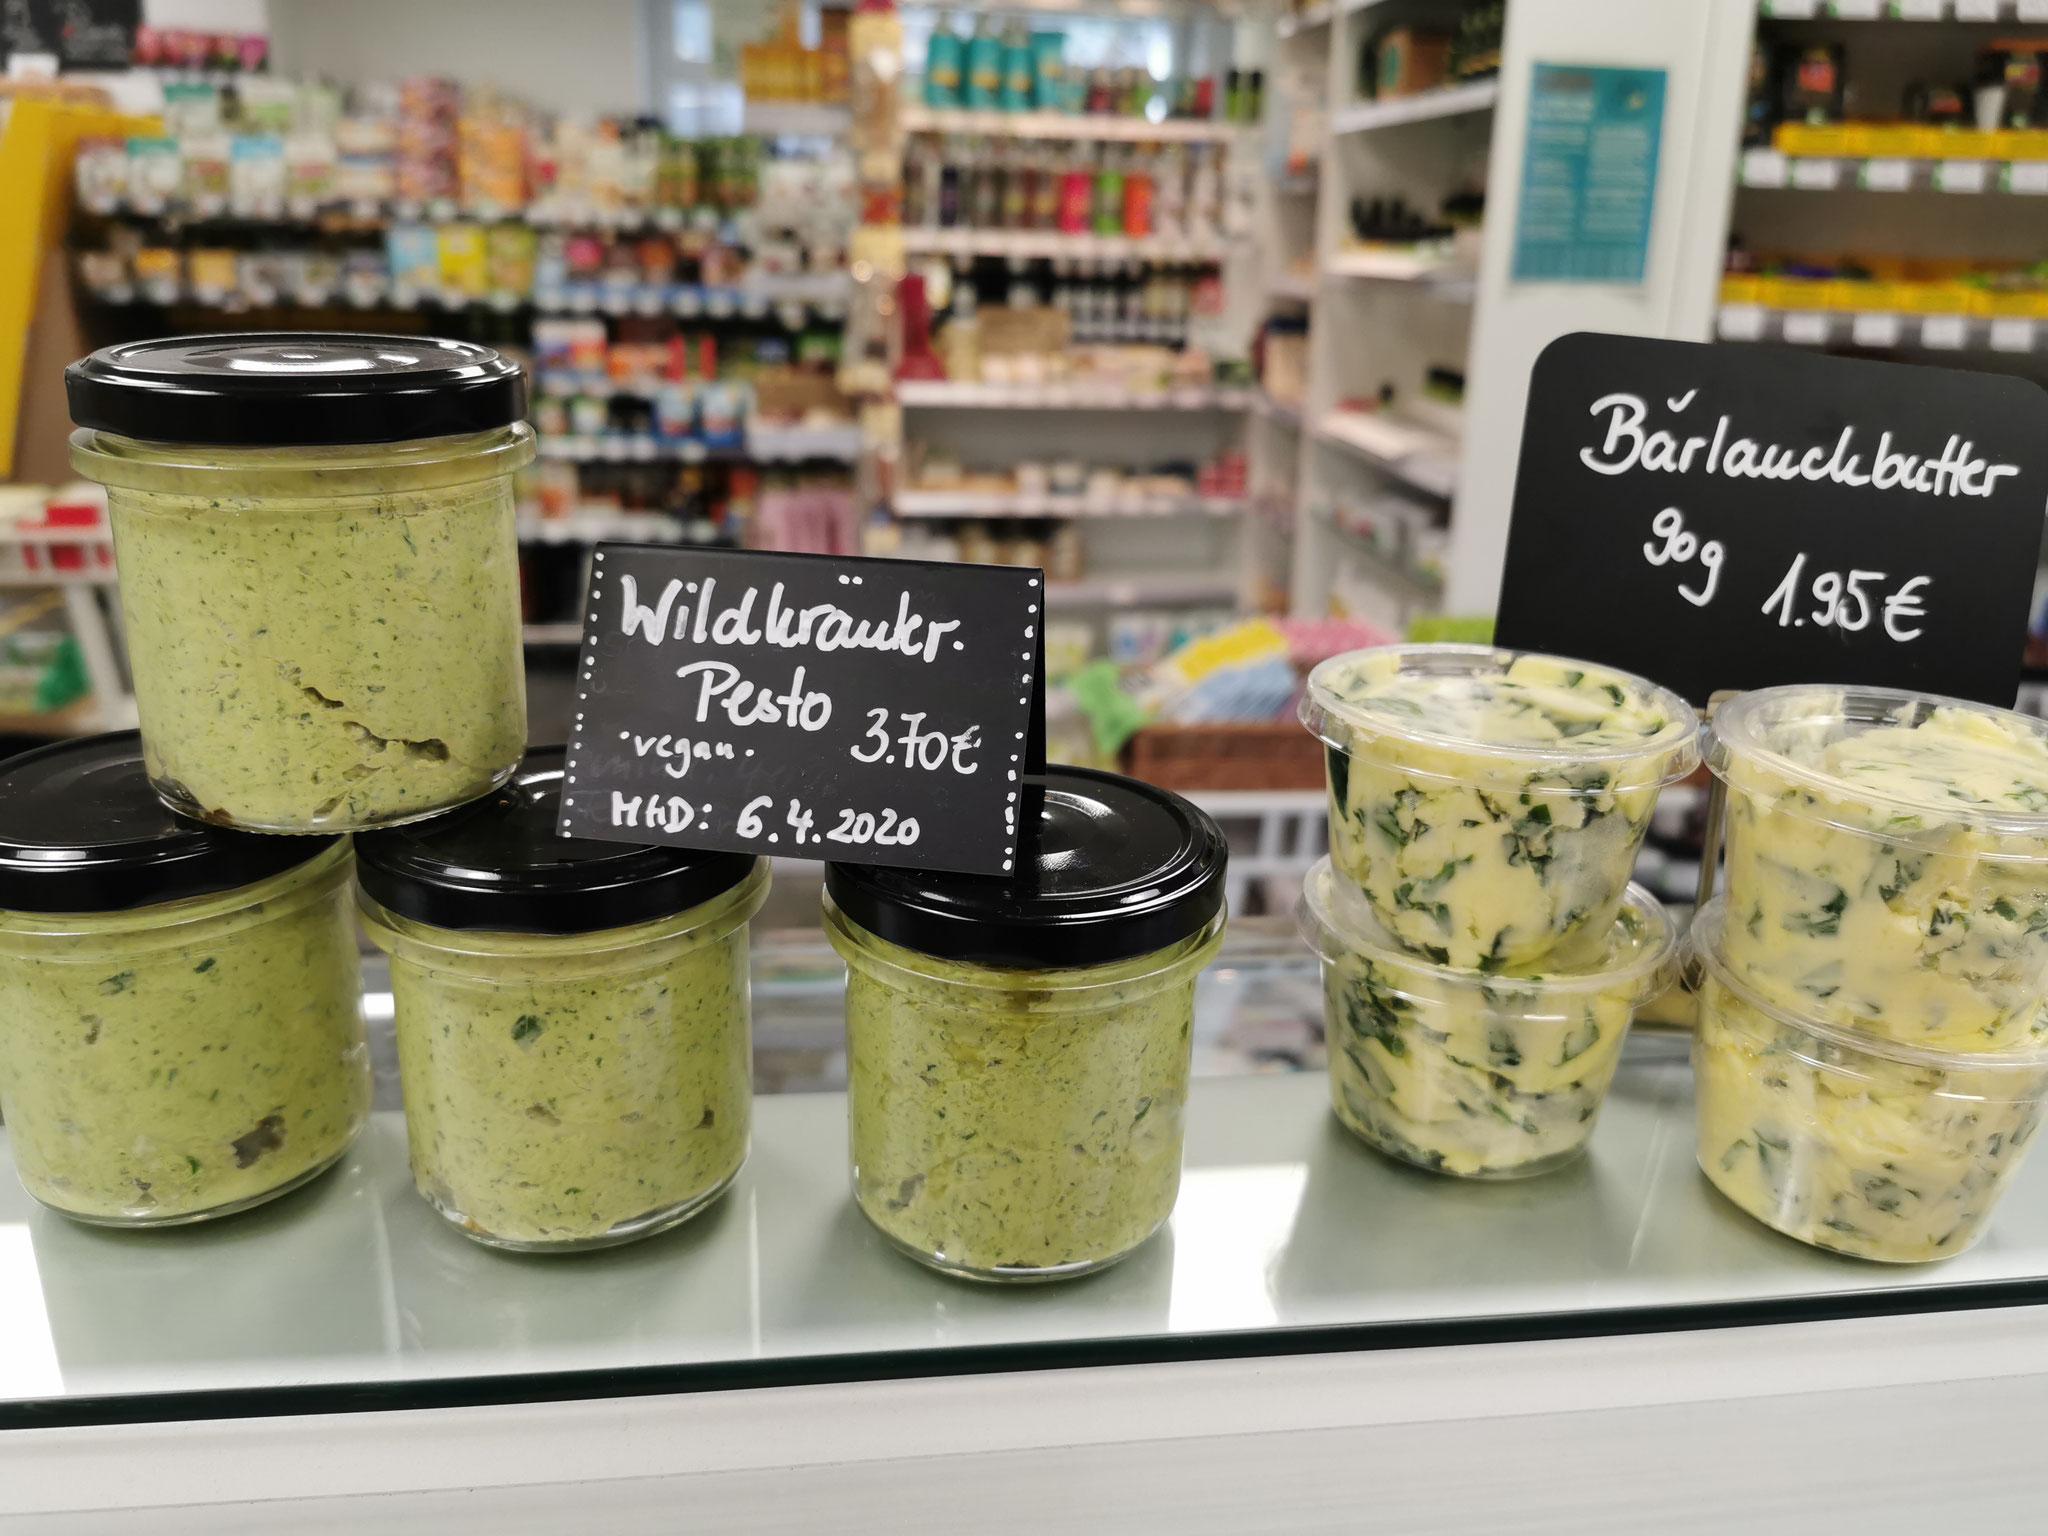 Veganes Wildkräuterpesto und Bärlauch-Butter